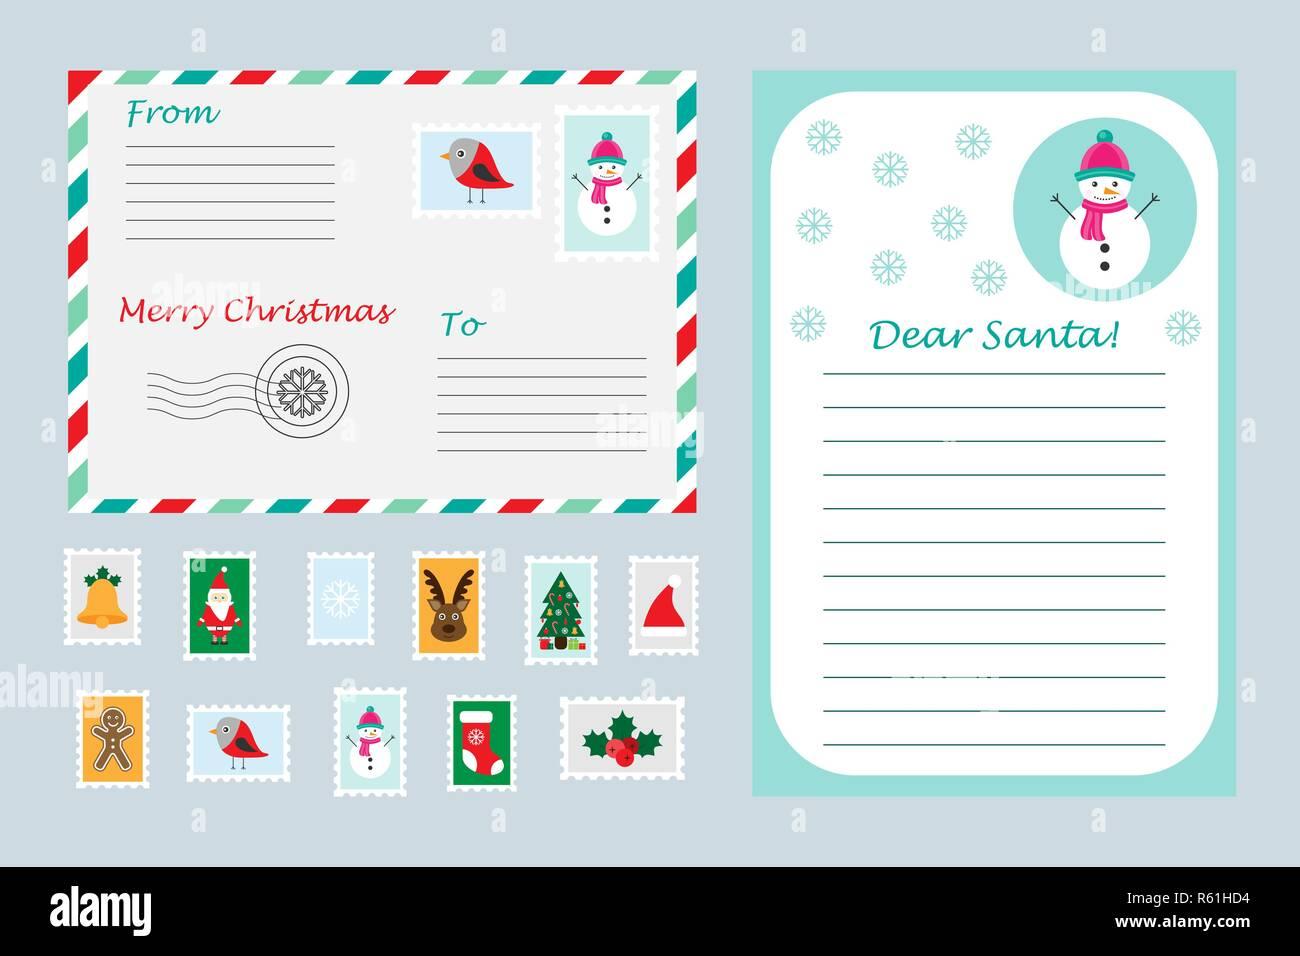 Lettera A Babbo Natale Divertente.Set Di Natale Della Lettera A Babbo Natale Busta E I